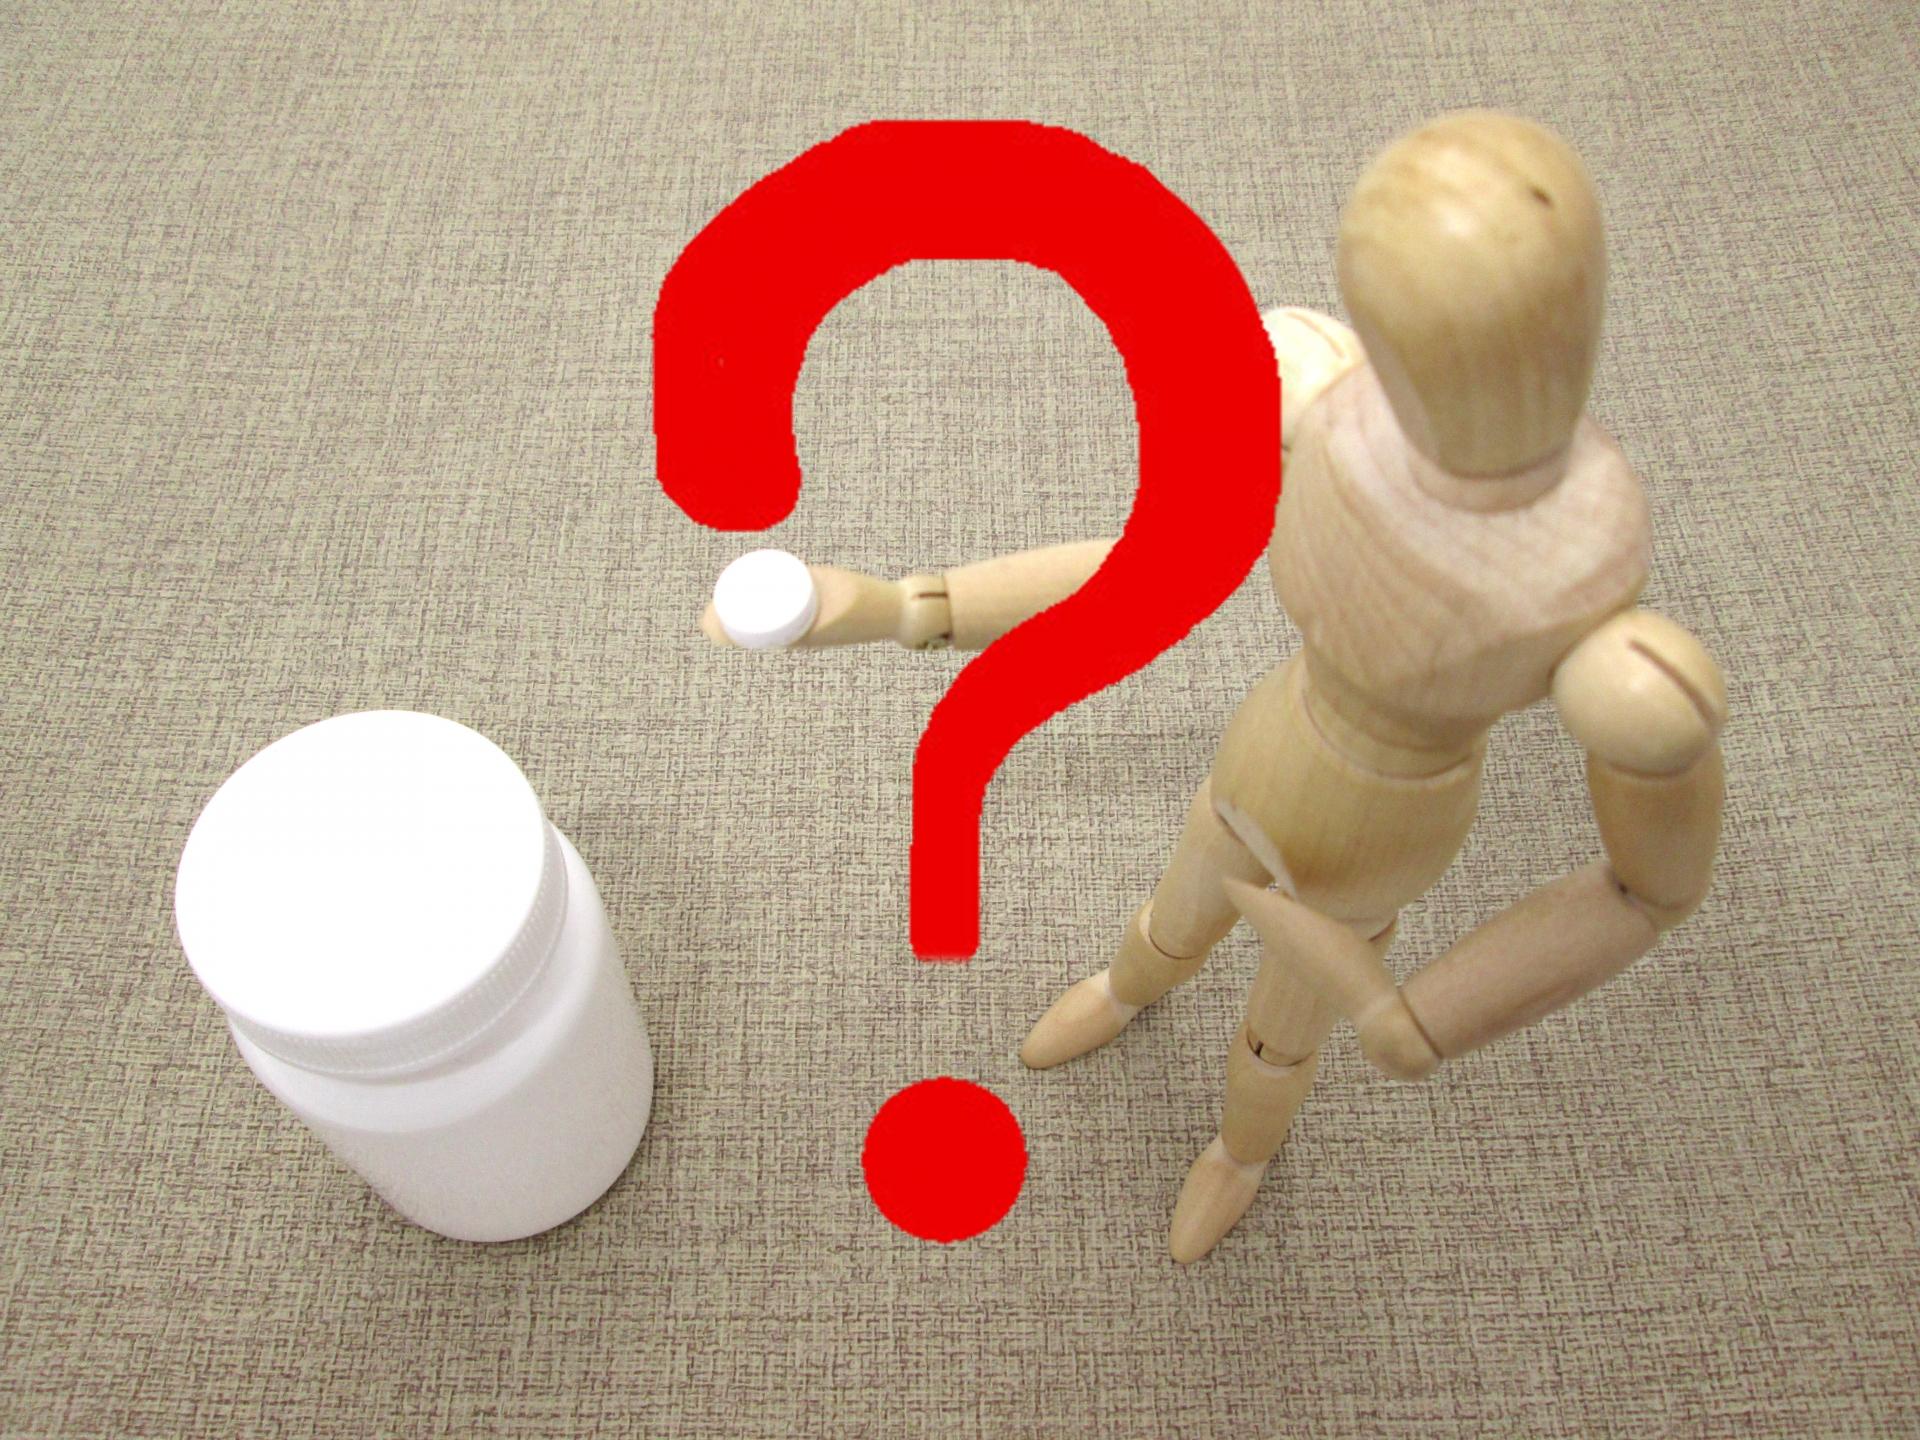 成長ホルモン分泌刺激試験で使われる5つの試薬とは?